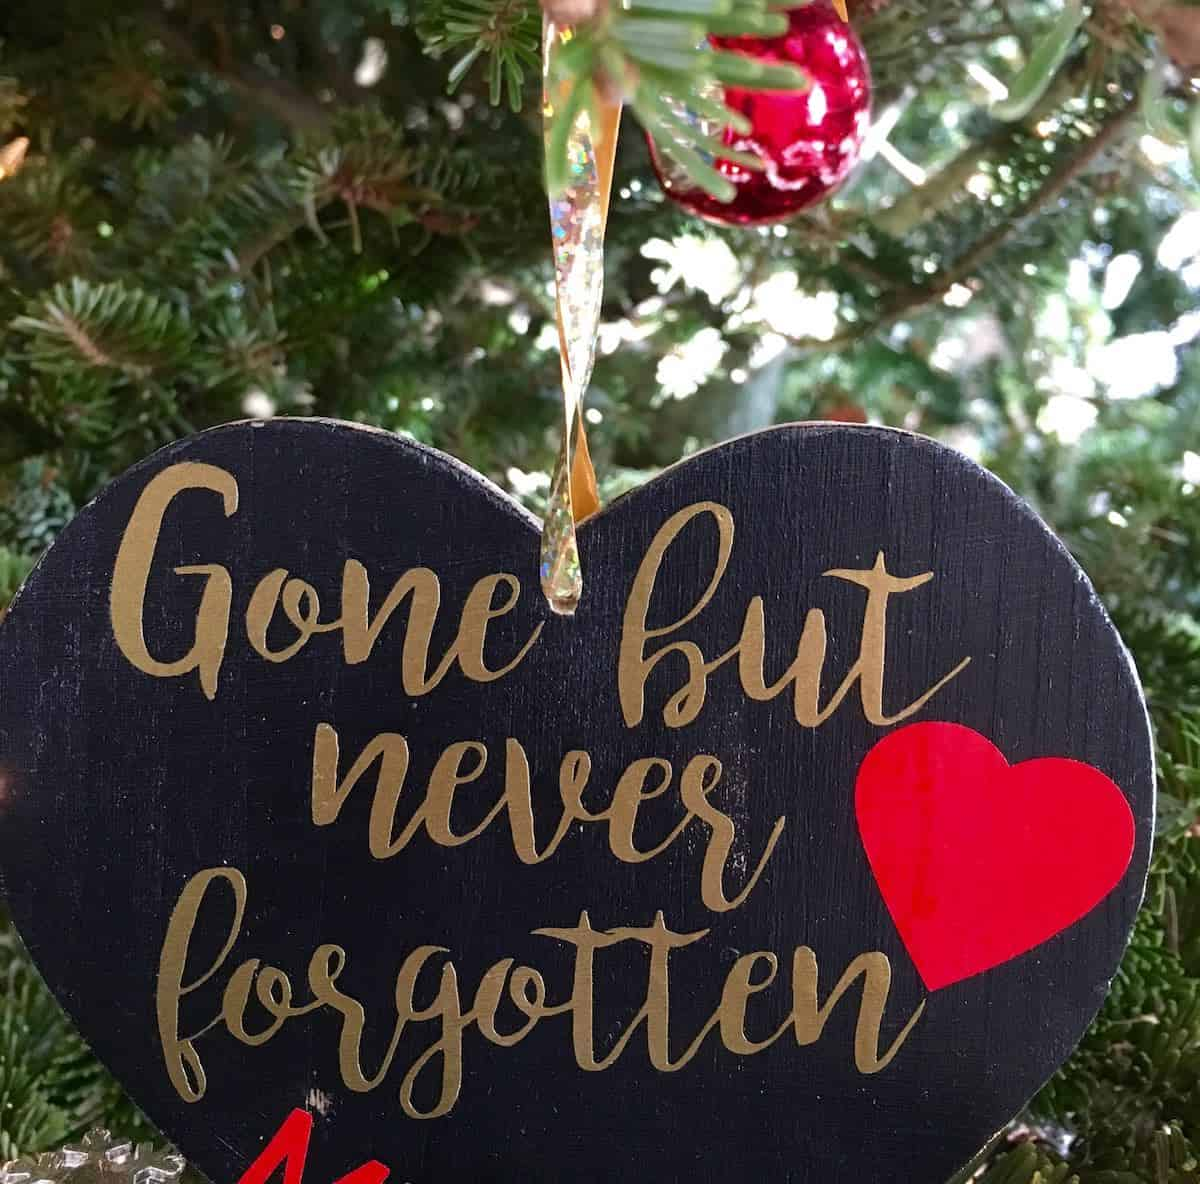 Gone but never forgotten heart ornament. Only gratitude